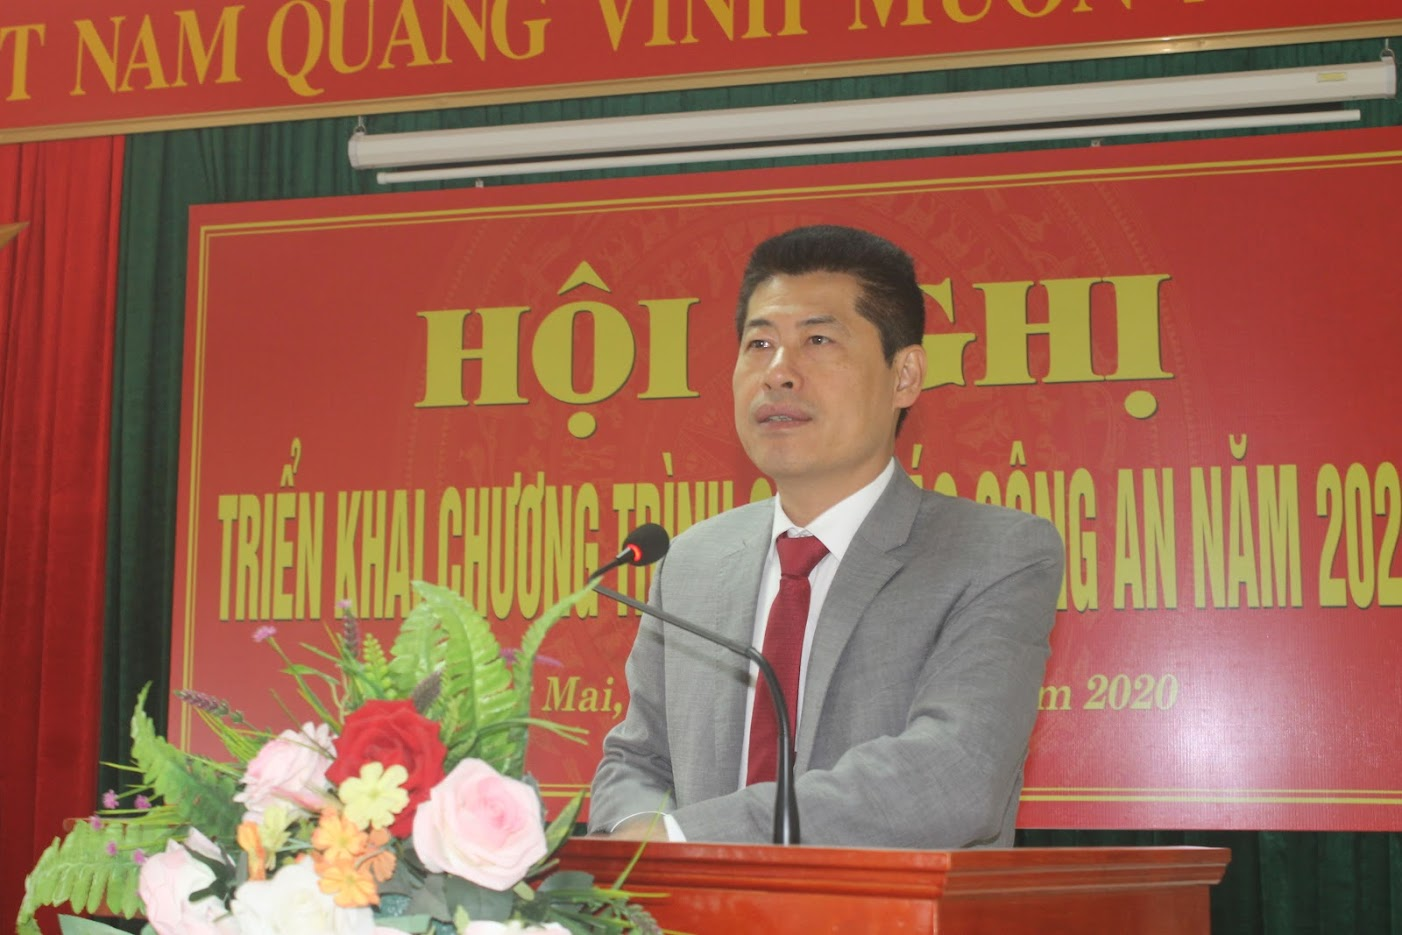 Bí thư Thị ủy Lê Trường Giang phát biểu tại hội nghị